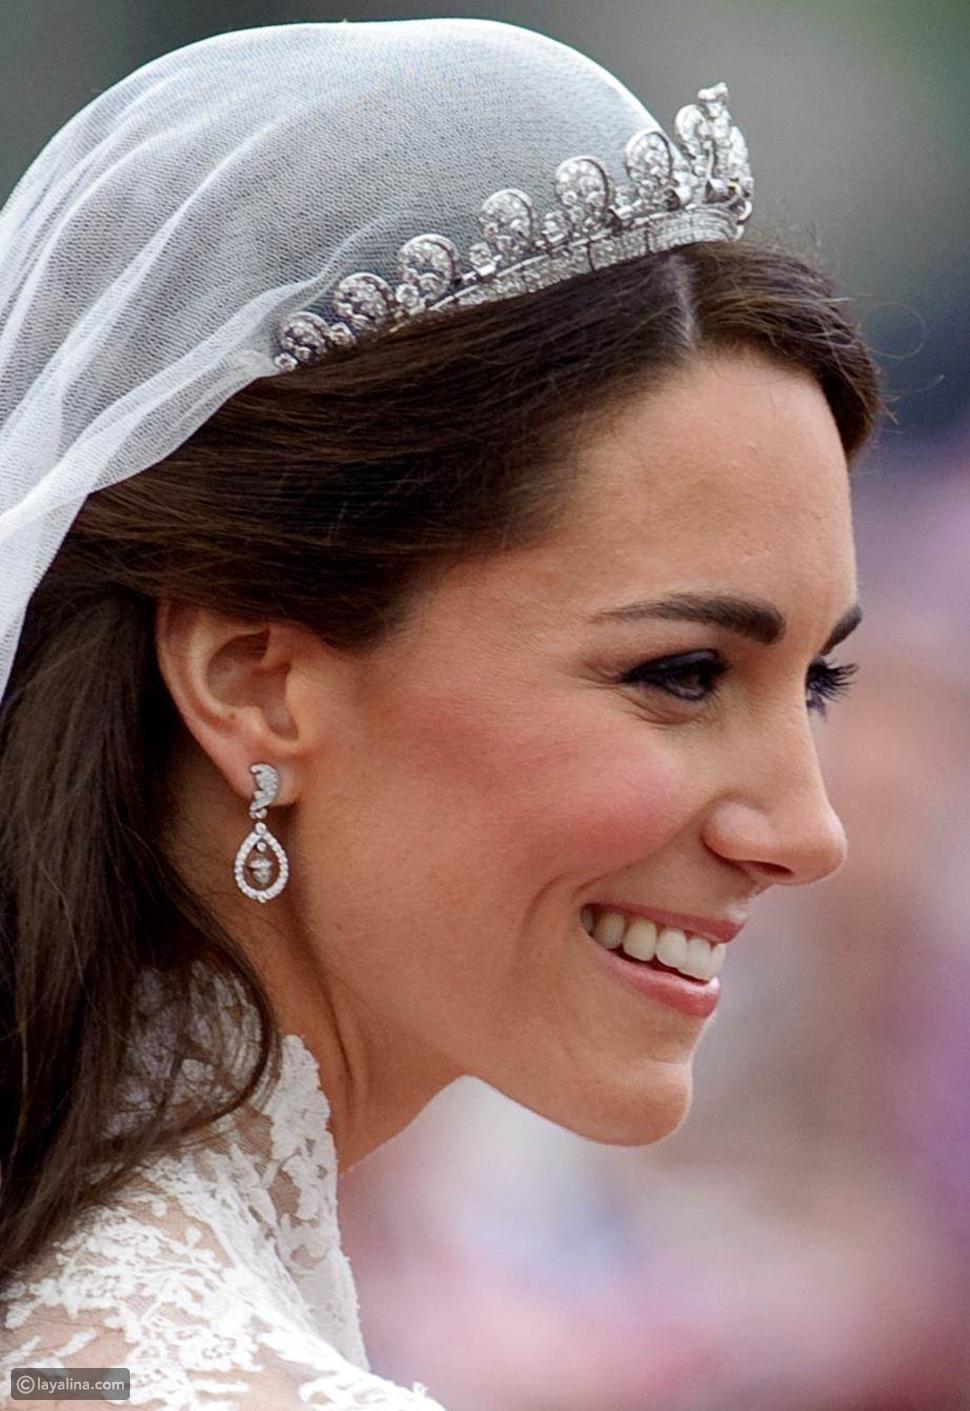 كيت ميدلتون ترتدي أقراط مرصعة بحبات الجوز الماسية في يوم زفافها عام 2011